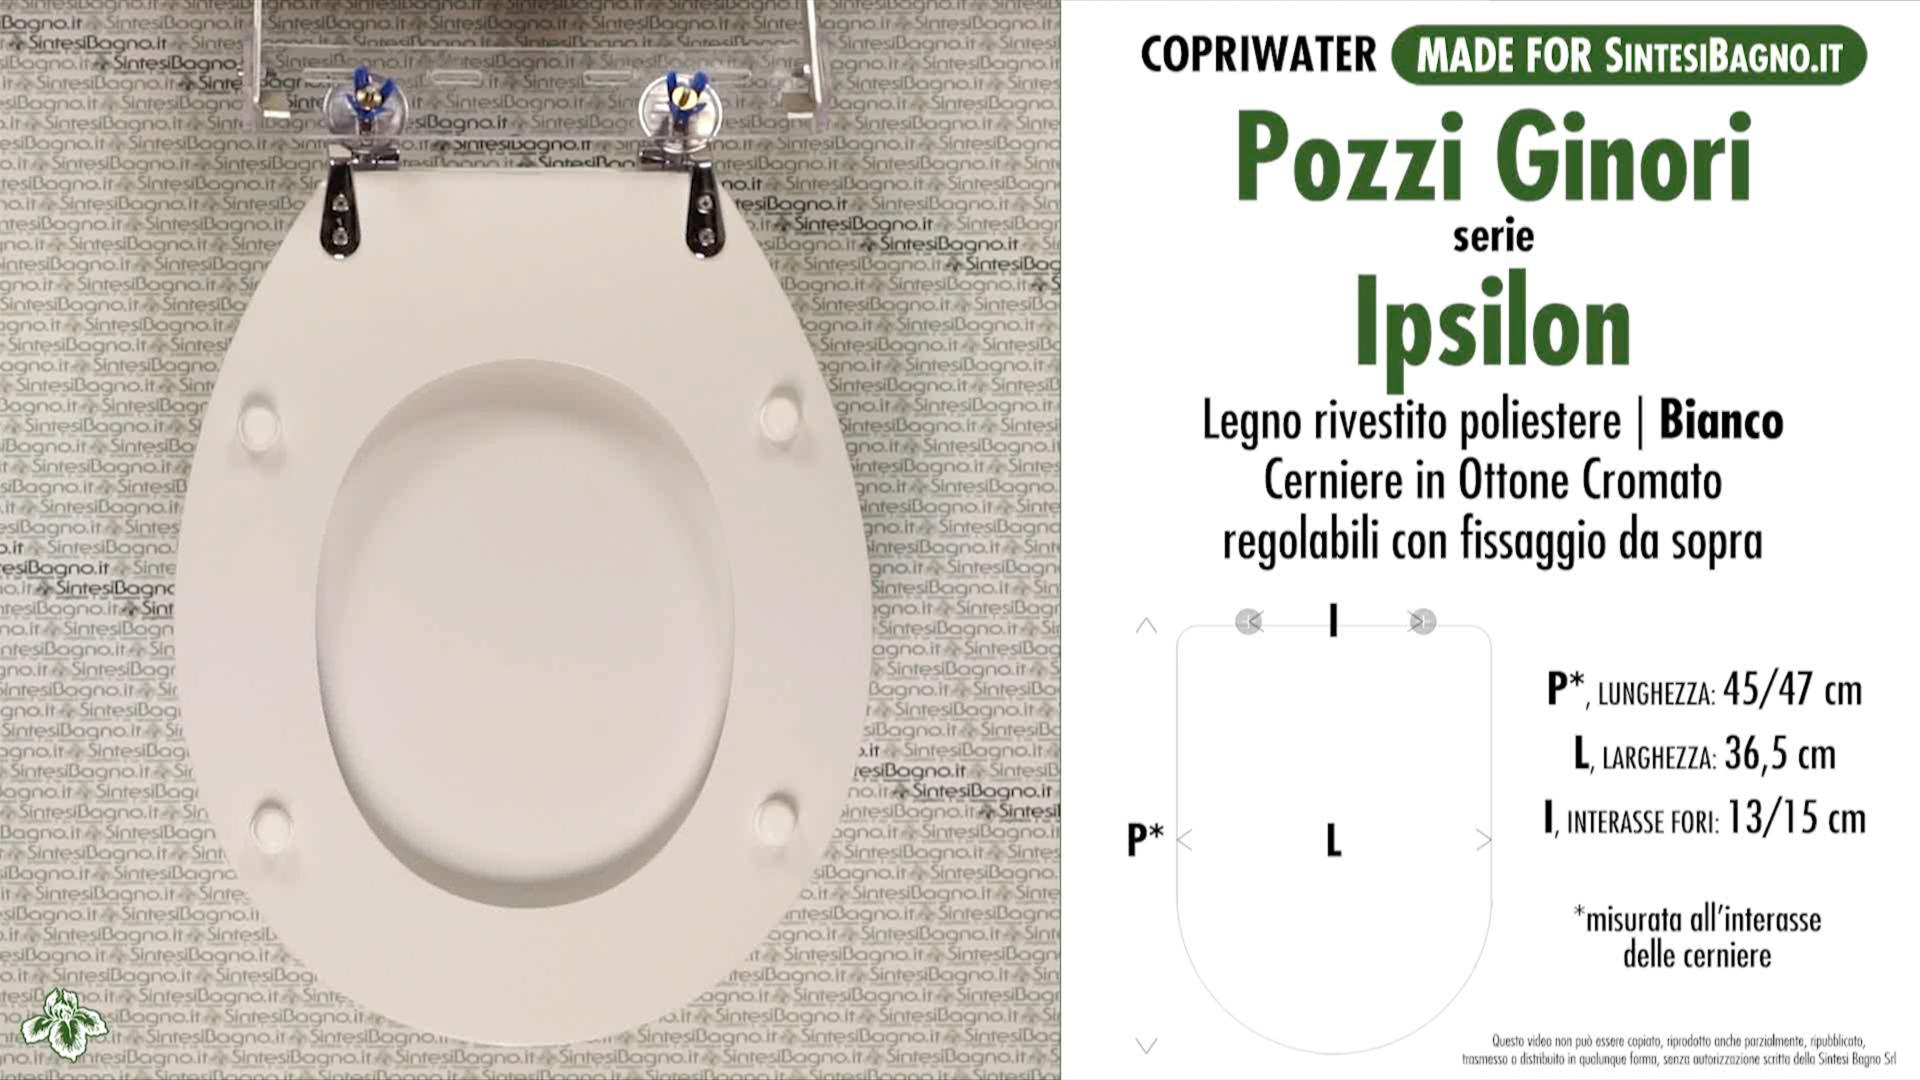 SCHEDA TECNICA MISURE copriwater POZZI GINORI IPSILON